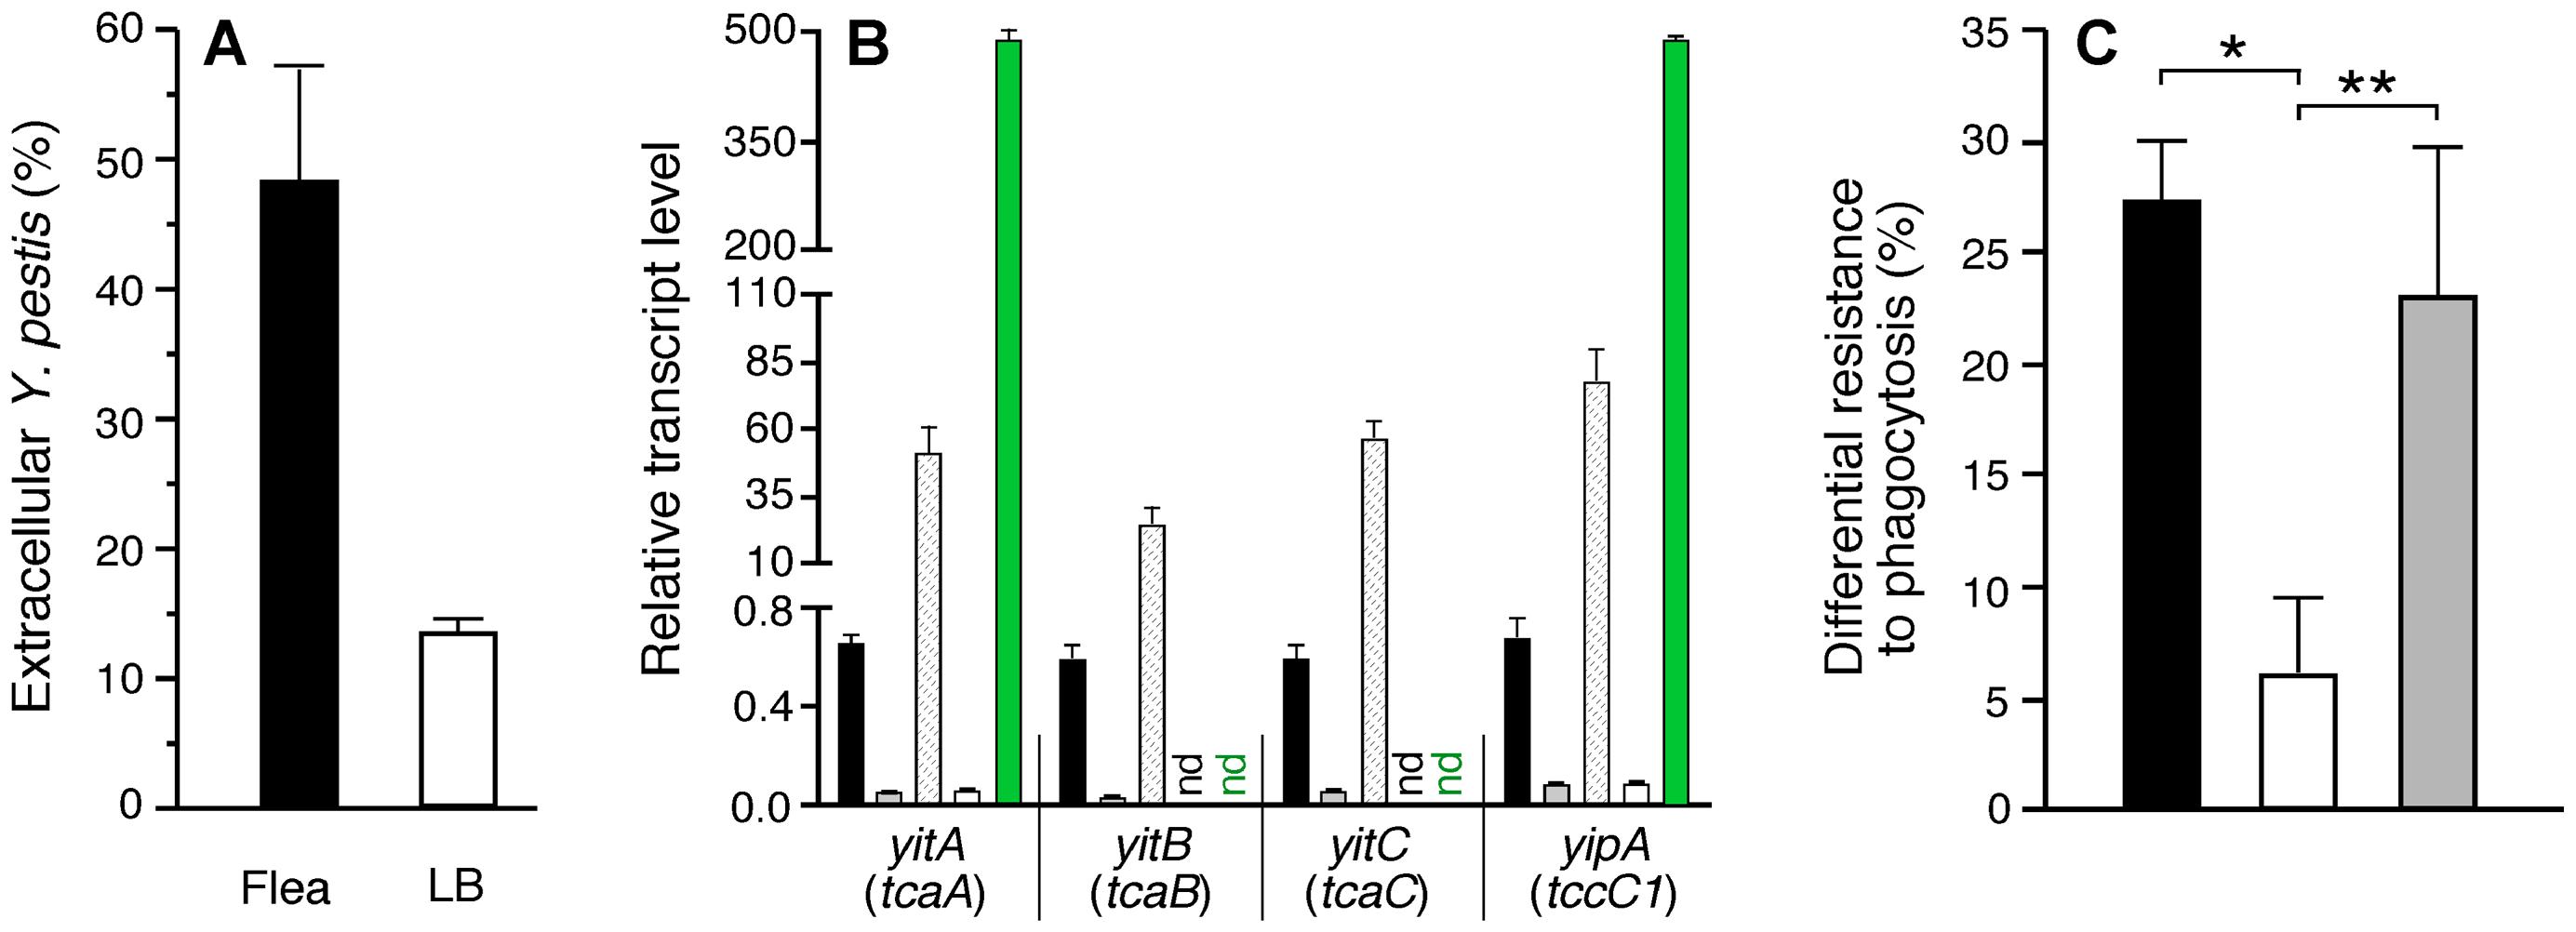 Phagocytosis-resistant phenotype of <i>Y. pestis</i> isolated from fleas correlates with expression level of the <i>yit</i>-<i>yip</i> insecticidal-like toxin genes.